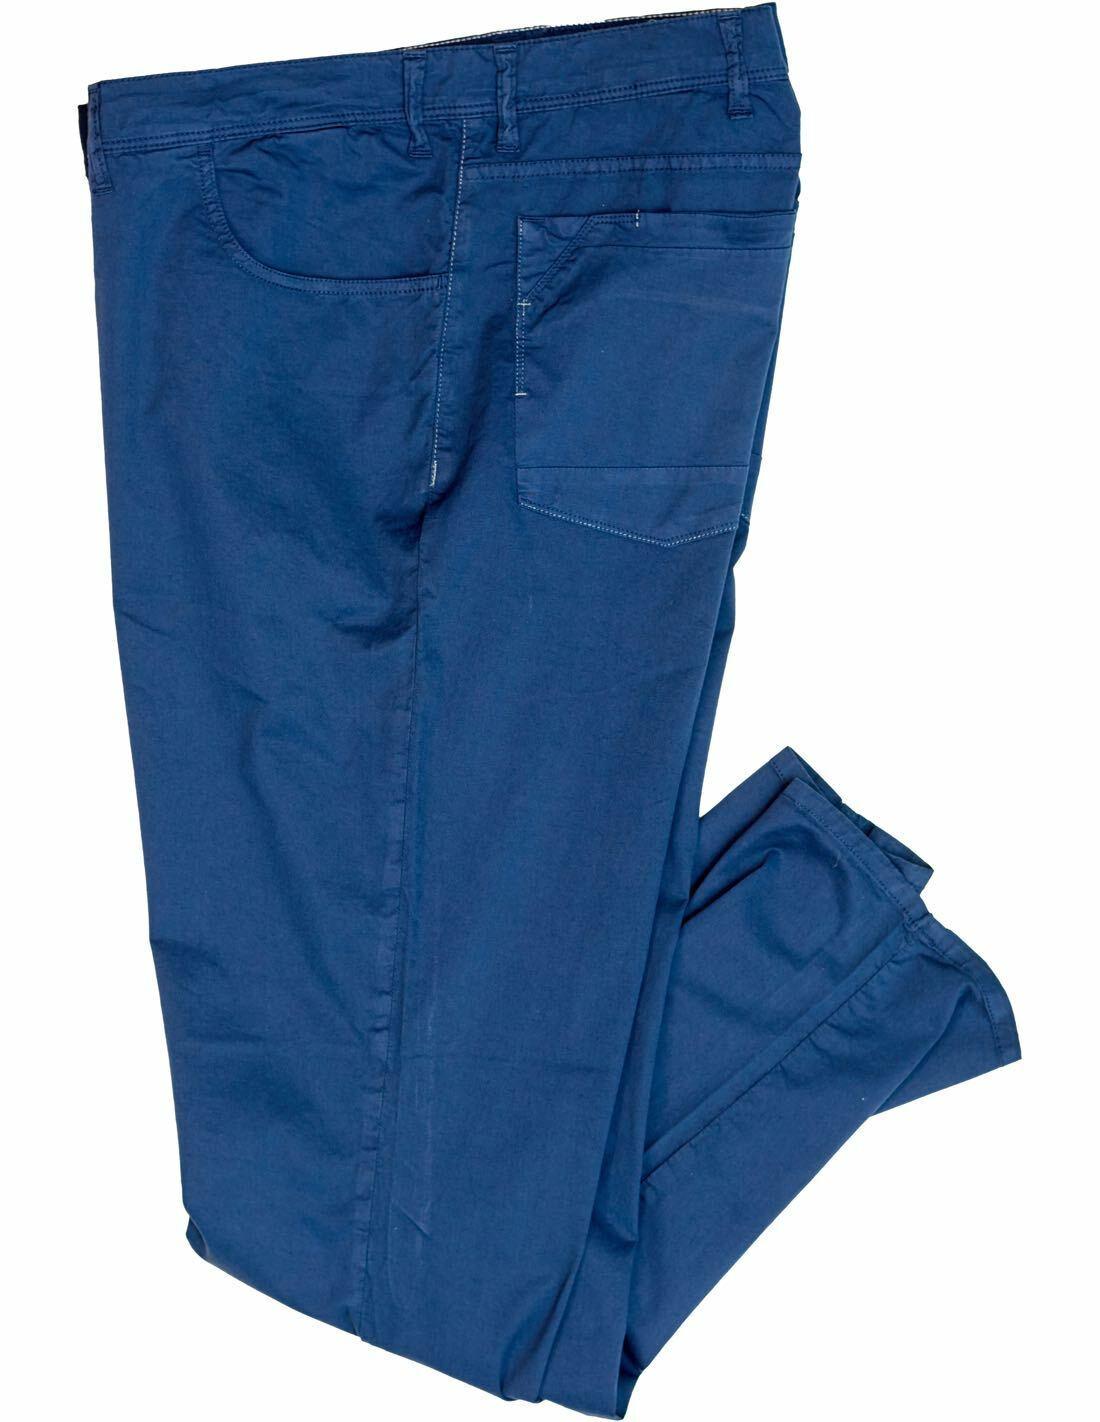 Maxfort LIBERIO Pantalone calzone leggero elasticizzato Uomo taglie forti cotone